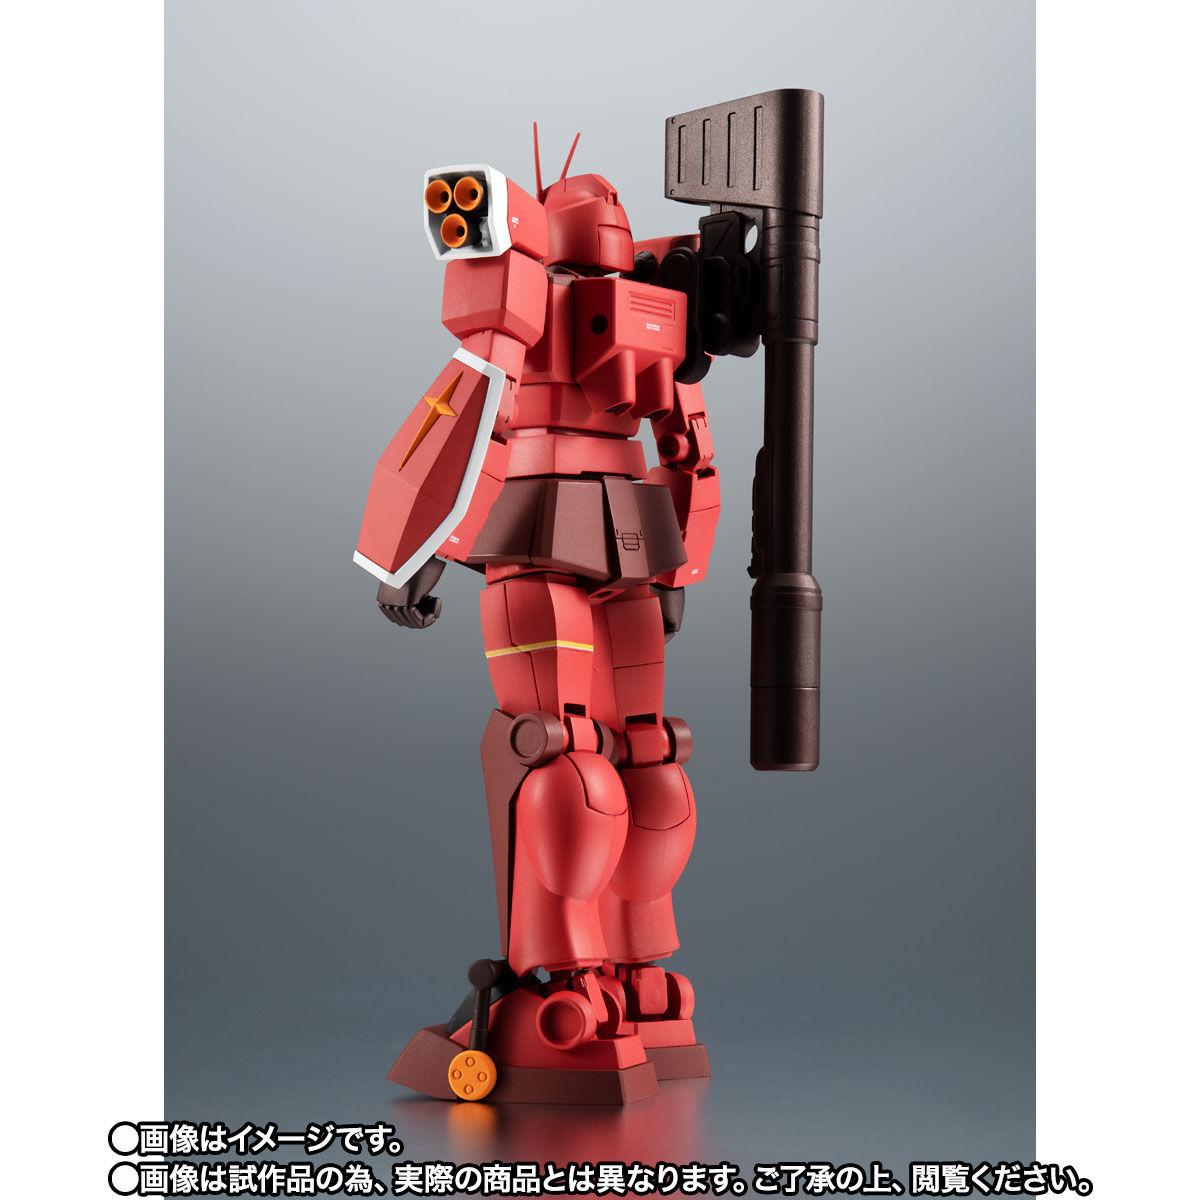 【限定販売】ROBOT魂〈SIDE MS〉『PF-78-3 パーフェクトガンダムIII(レッドウォーリア)ver. A.N.I.M.E.』プラモ狂四郎 可動フィギュア-009